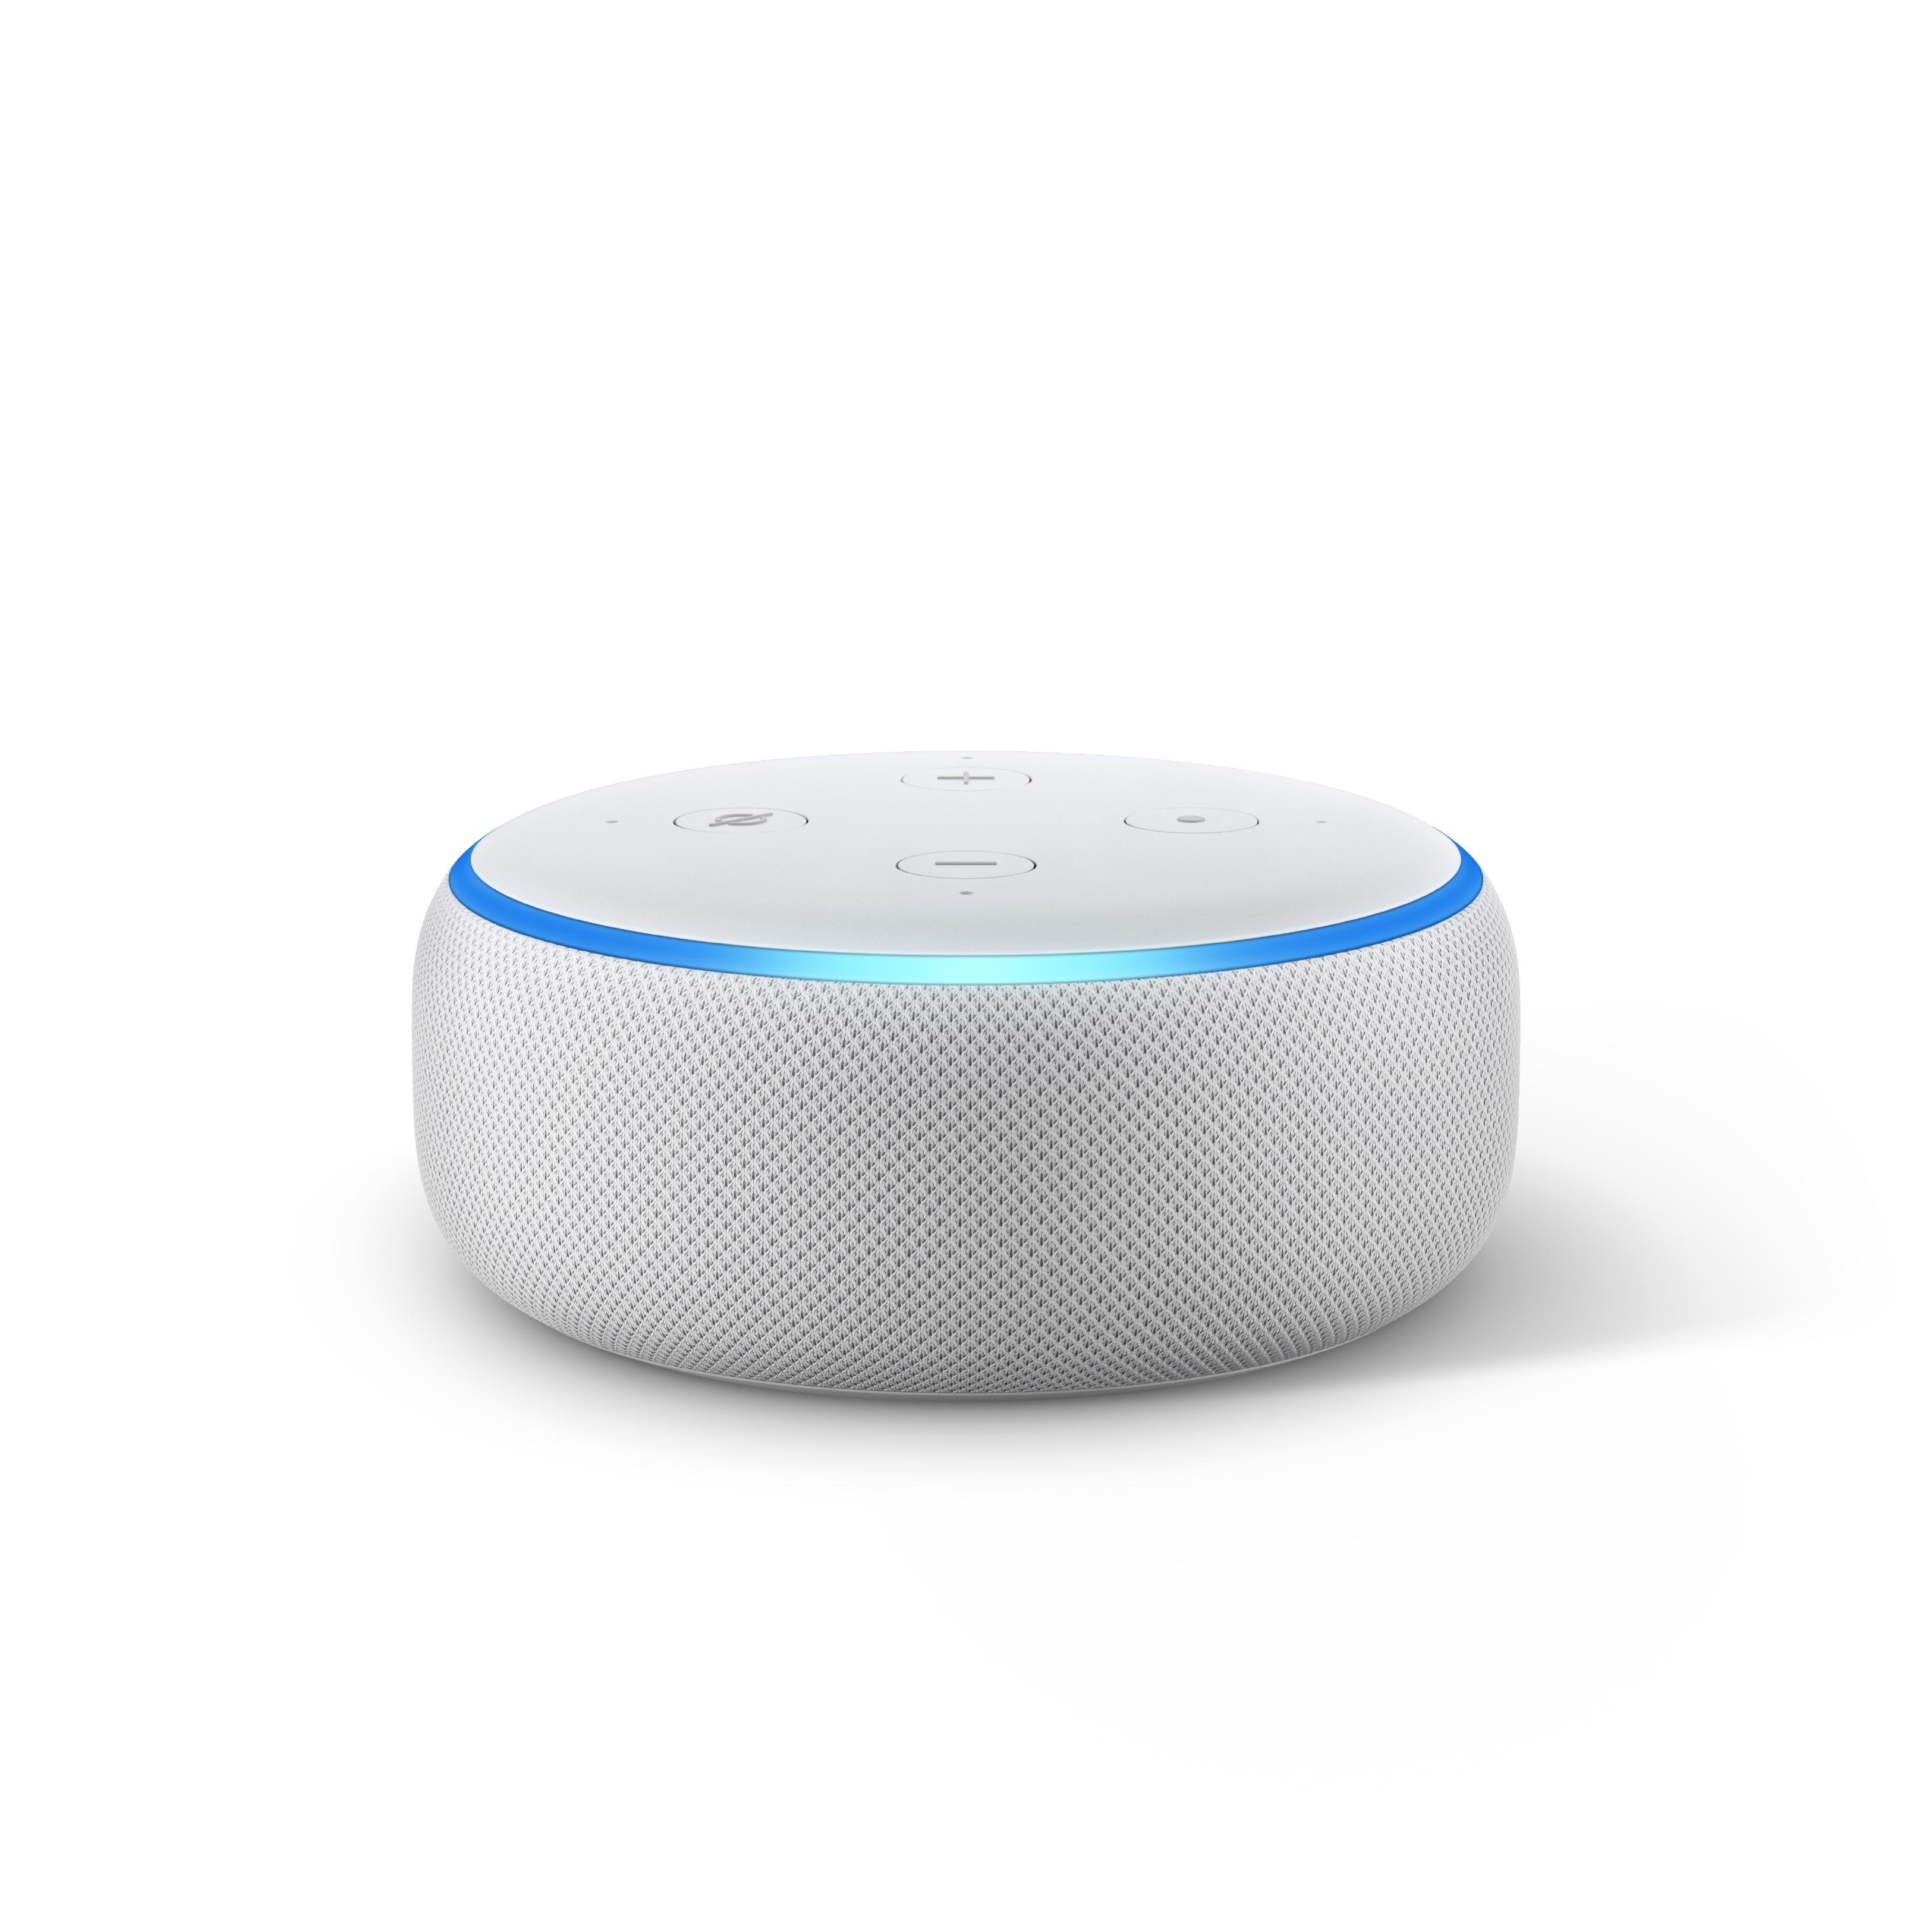 Sechs Geräte: Amazon stellt komplett neue Echo-Familie vor